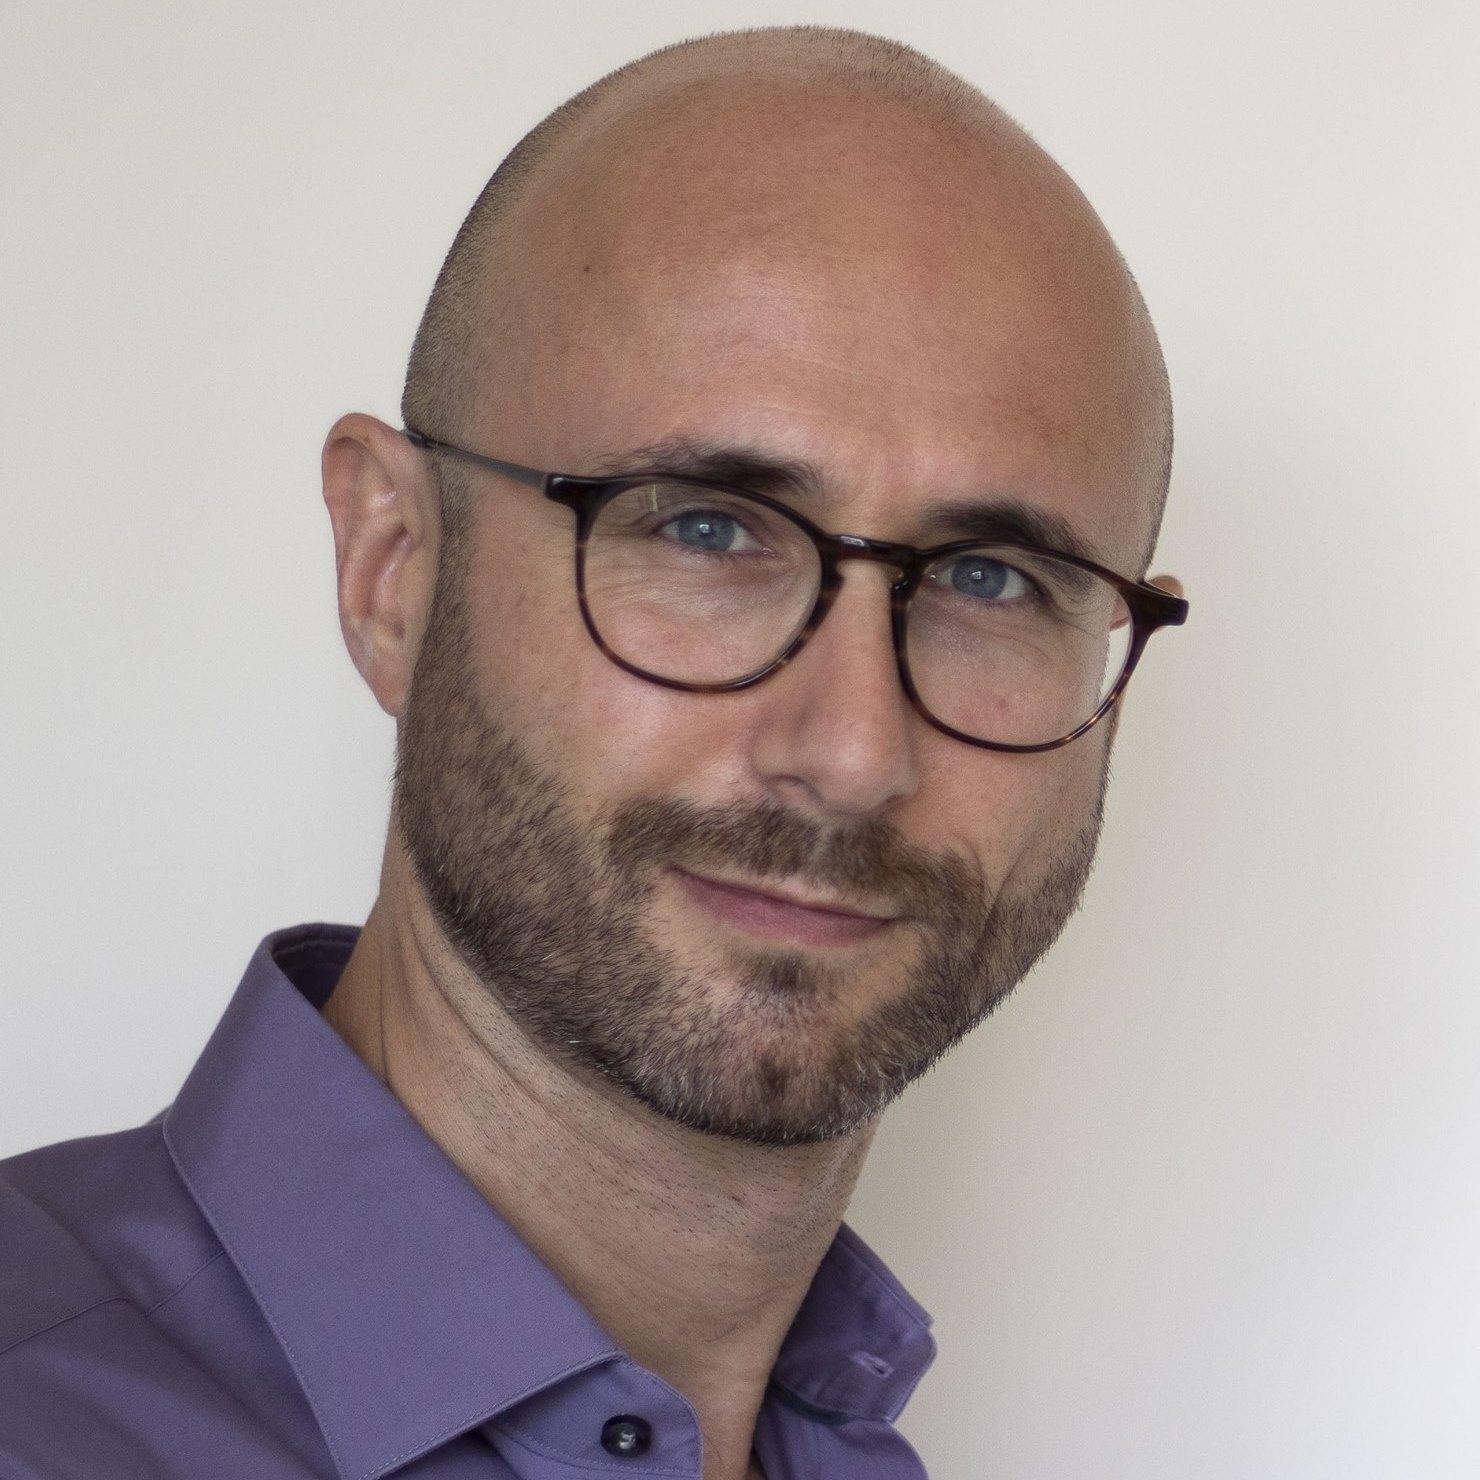 Candidature pour session stratégique  / Frédéric BAR